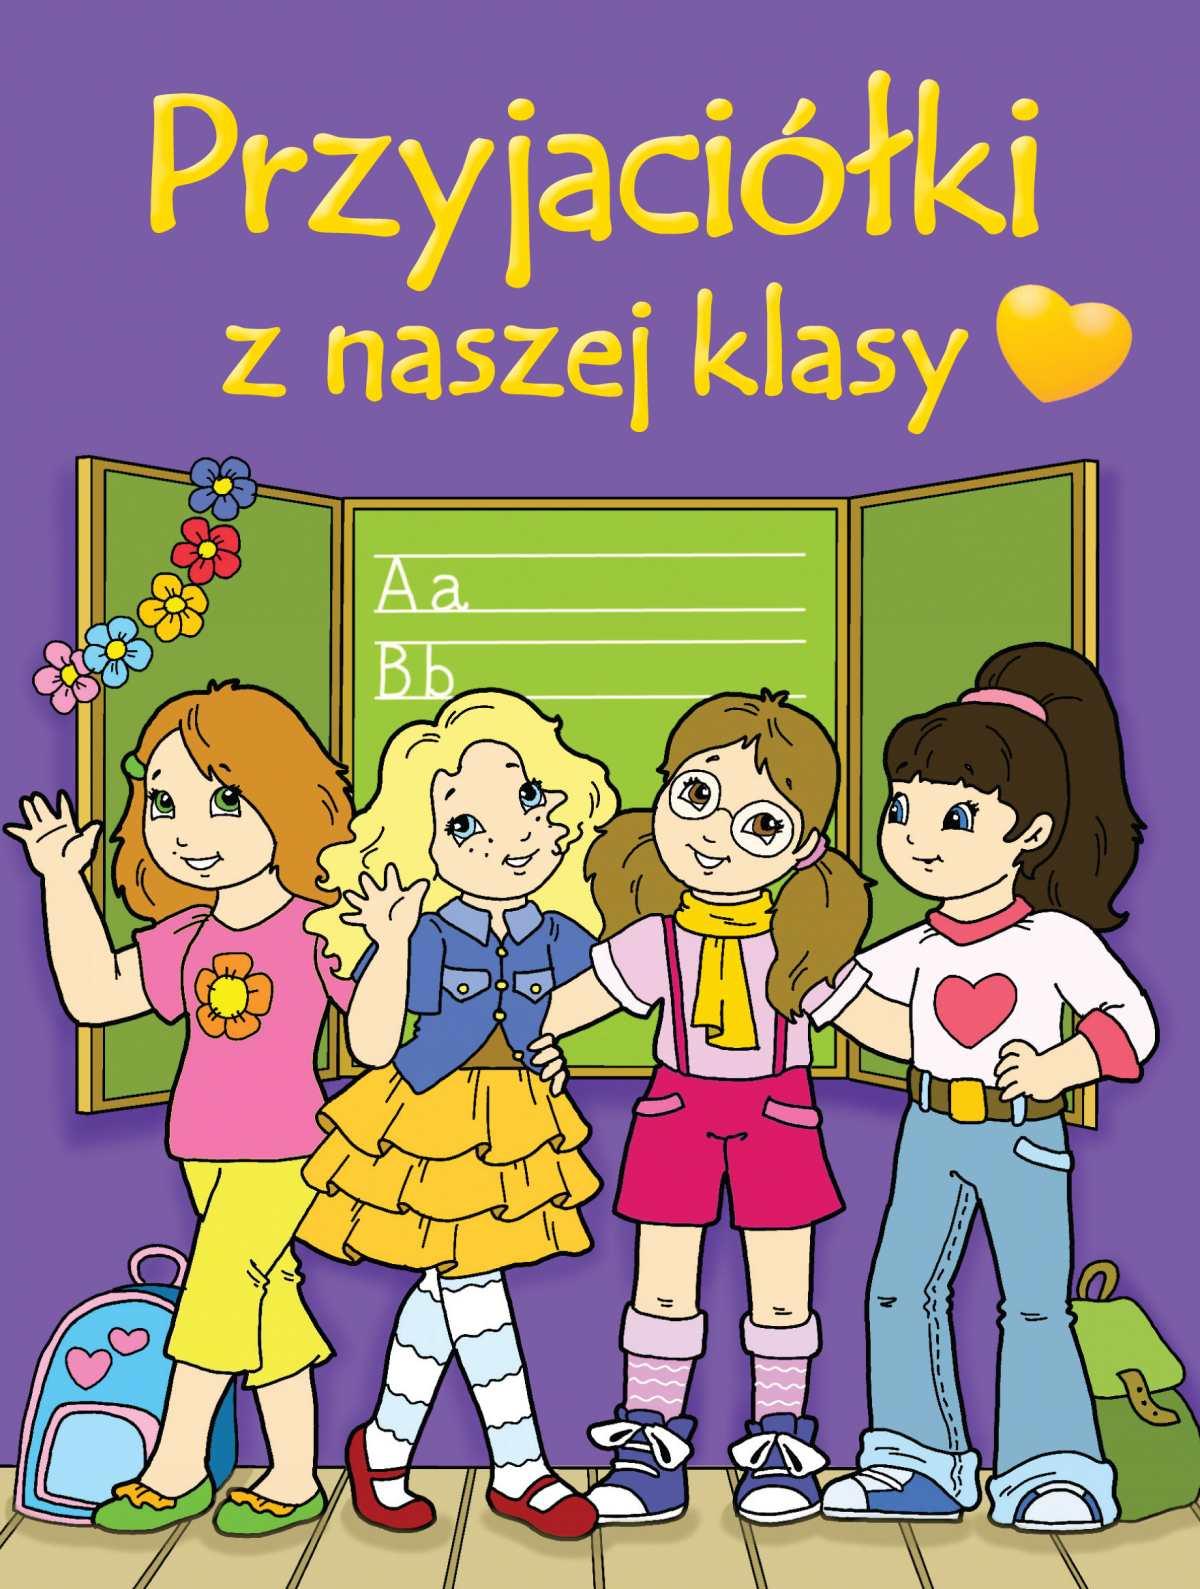 Przyjaciółki z naszej klasy - Ebook (Książka PDF) do pobrania w formacie PDF